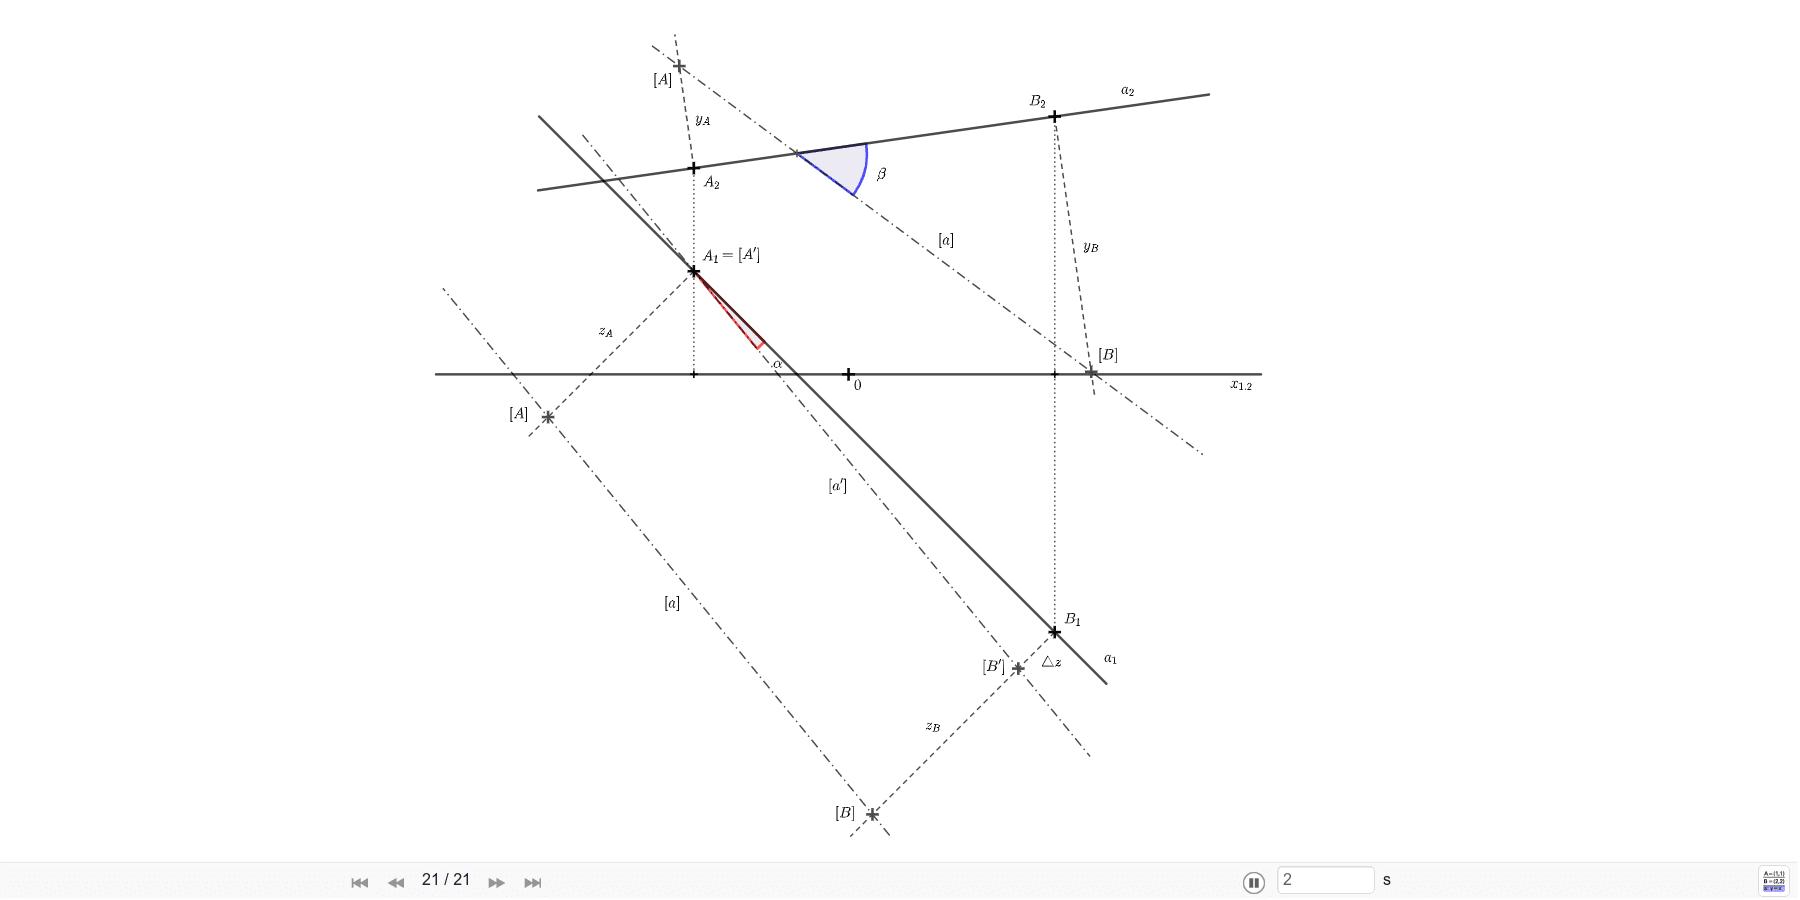 Určete odchylku přímky a=AB od obou průměten. A=[-3; -2; 4], B=[4; 5; 5]. Zahajte aktivitu stisknutím klávesy Enter